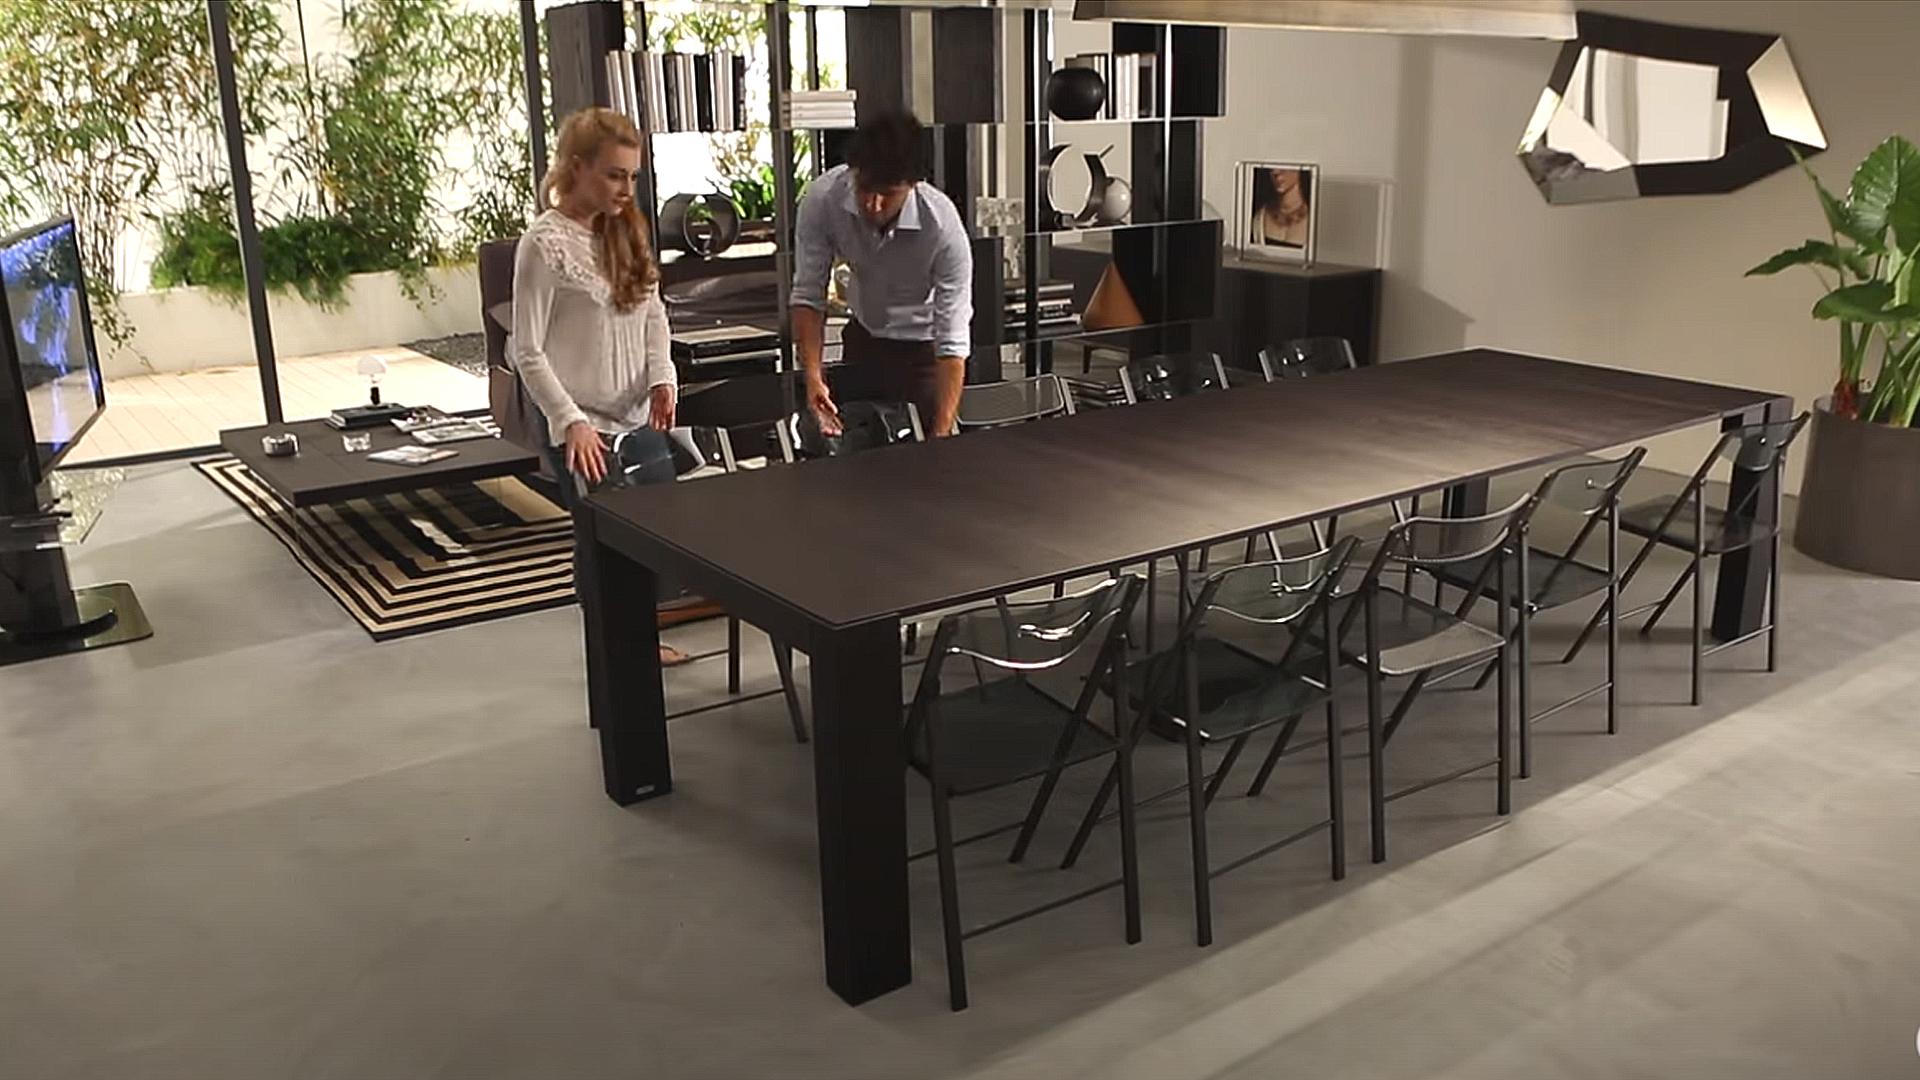 オフィスでエクステンションテーブルを使用する利点。ミーティングにもオススメの画像